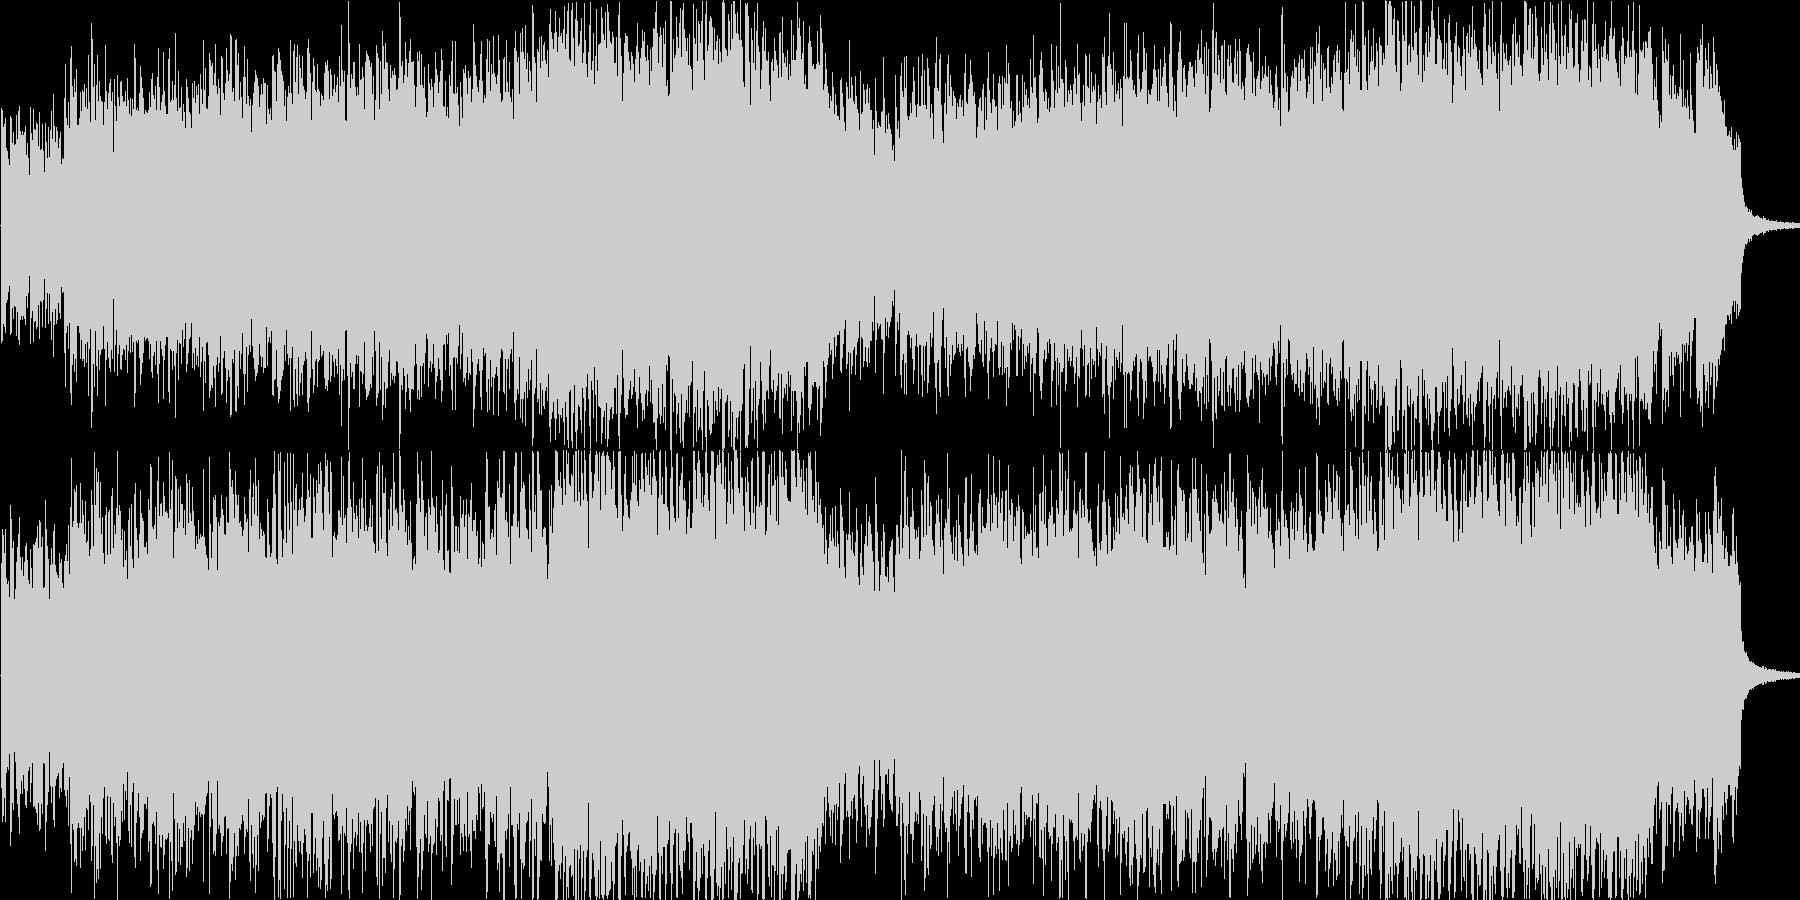 ジプシーの民族音楽風輪舞用オリジナル曲の未再生の波形